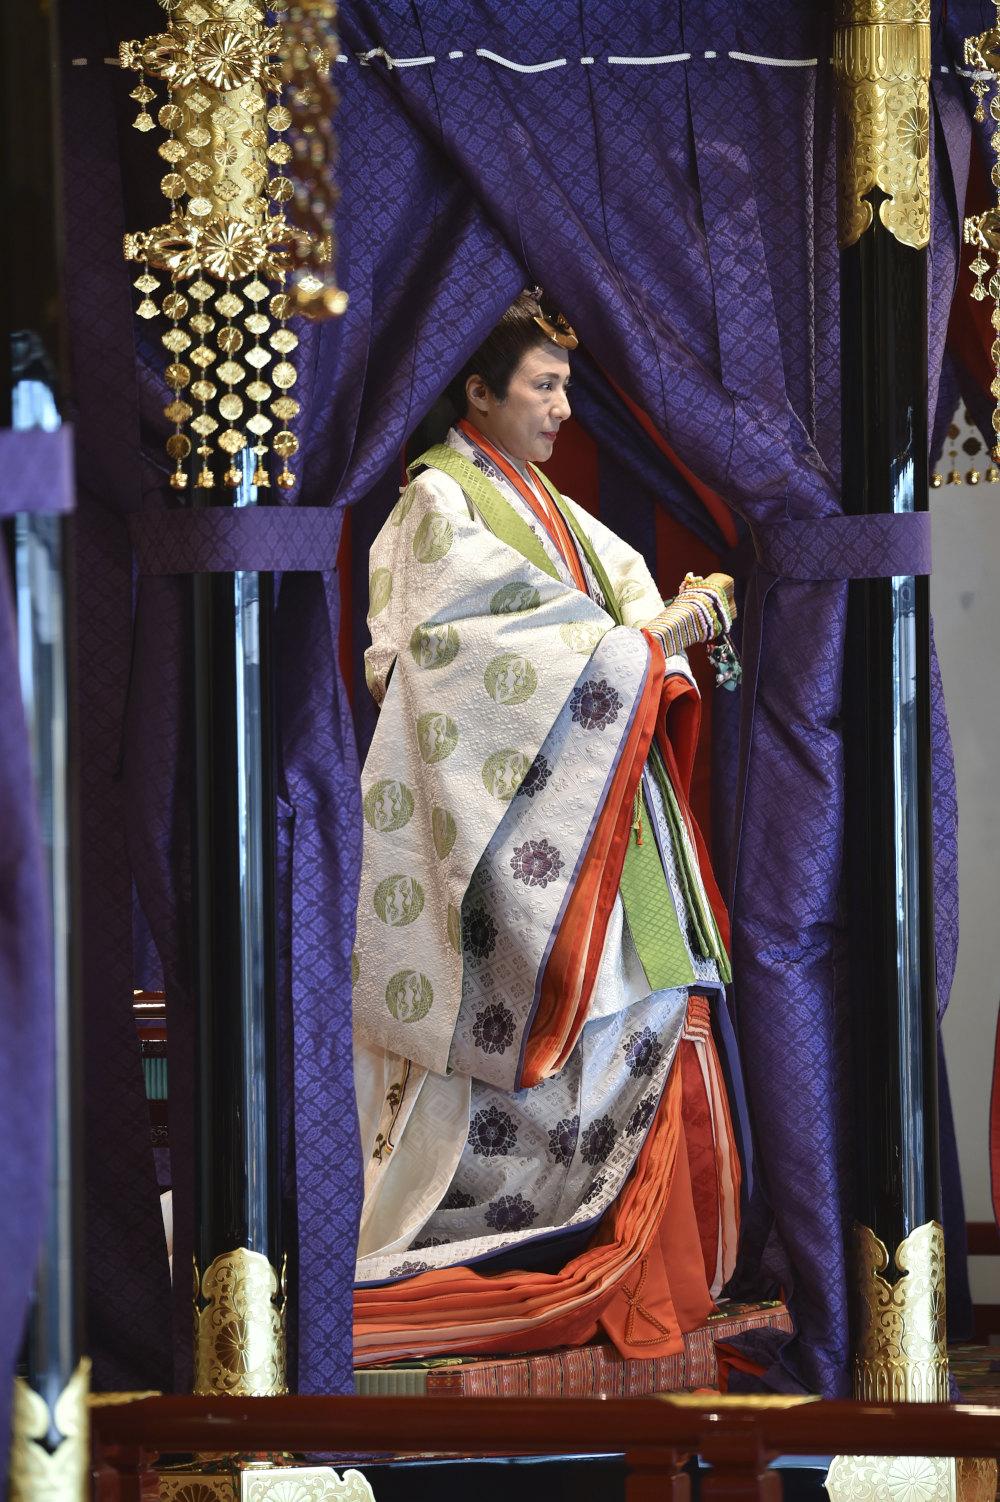 Η αυτοκράτειρα Μασάκο, φορώντας 12 παραδοσιακές ιαπωνικές φορεσιές κατά την τελετή ενθρόνισης